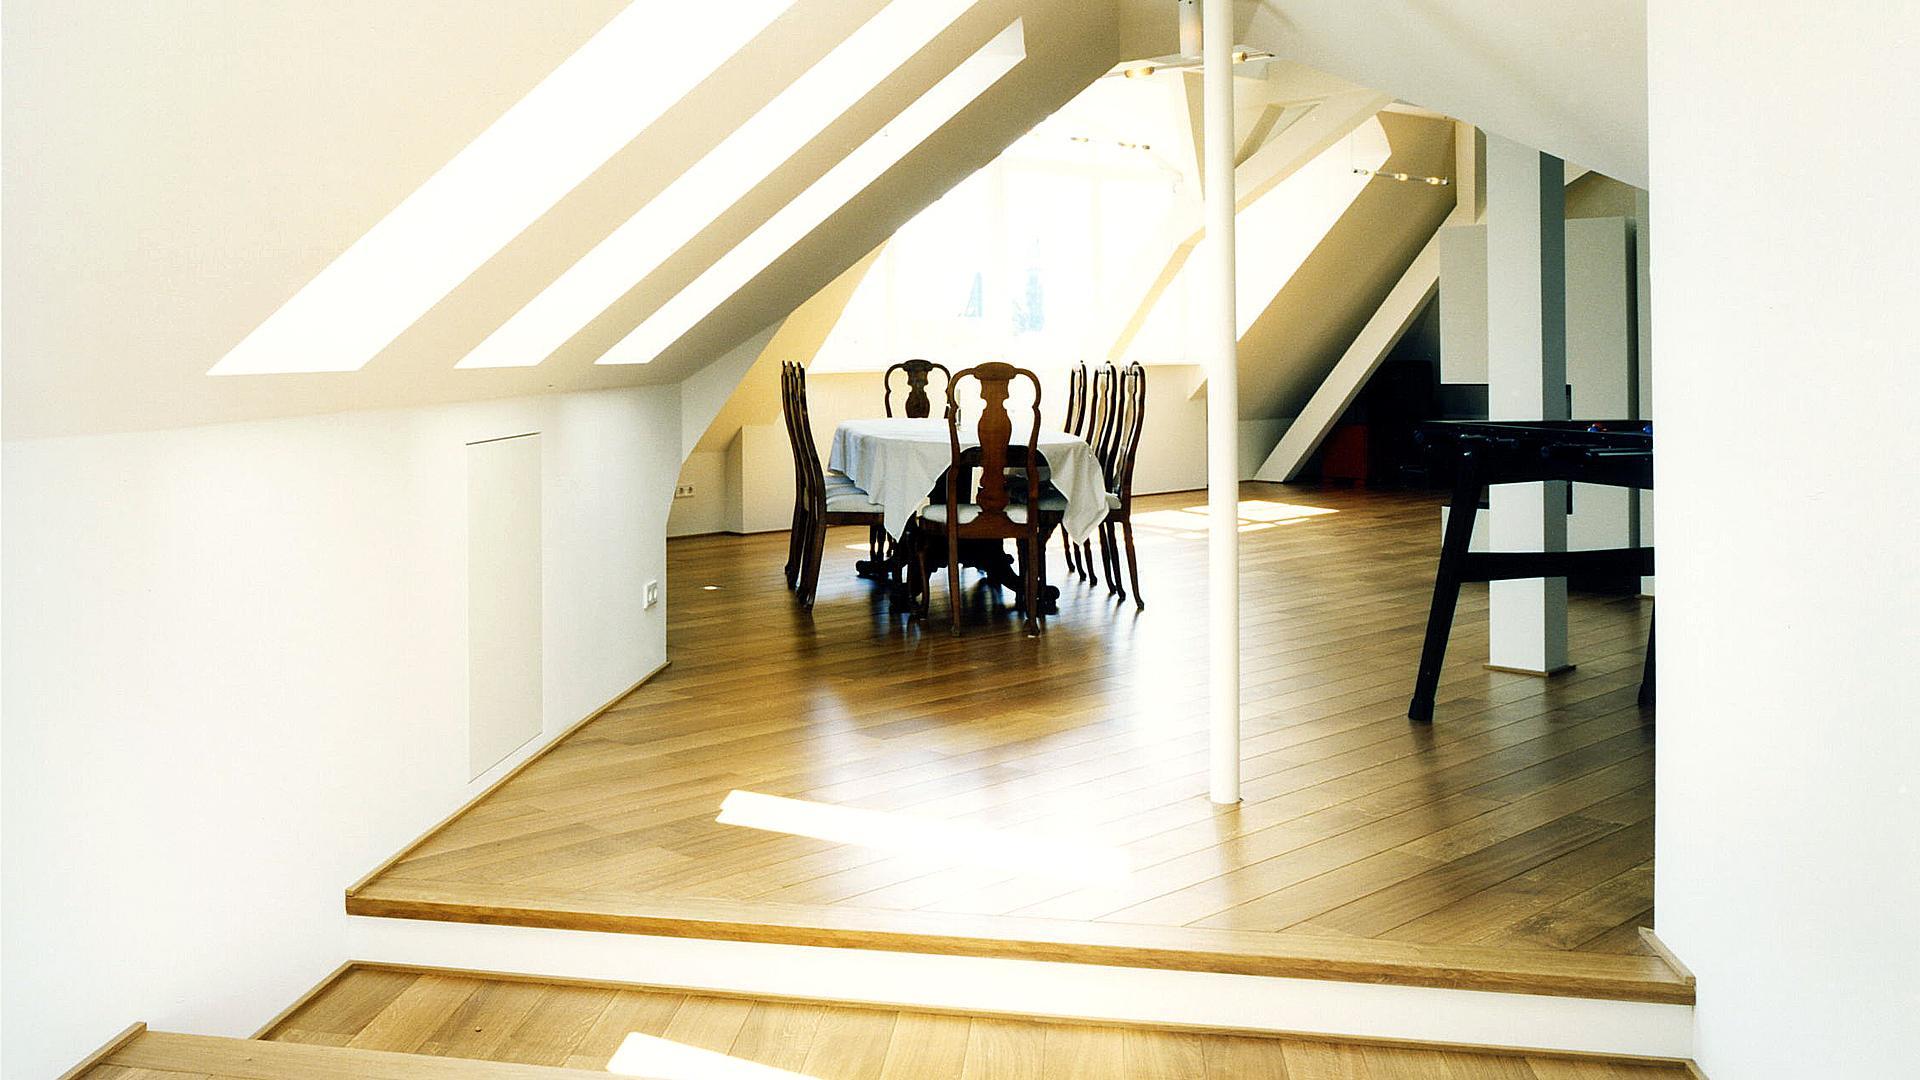 kosten dachausbau 100 qm affordable anbaumodul von. Black Bedroom Furniture Sets. Home Design Ideas